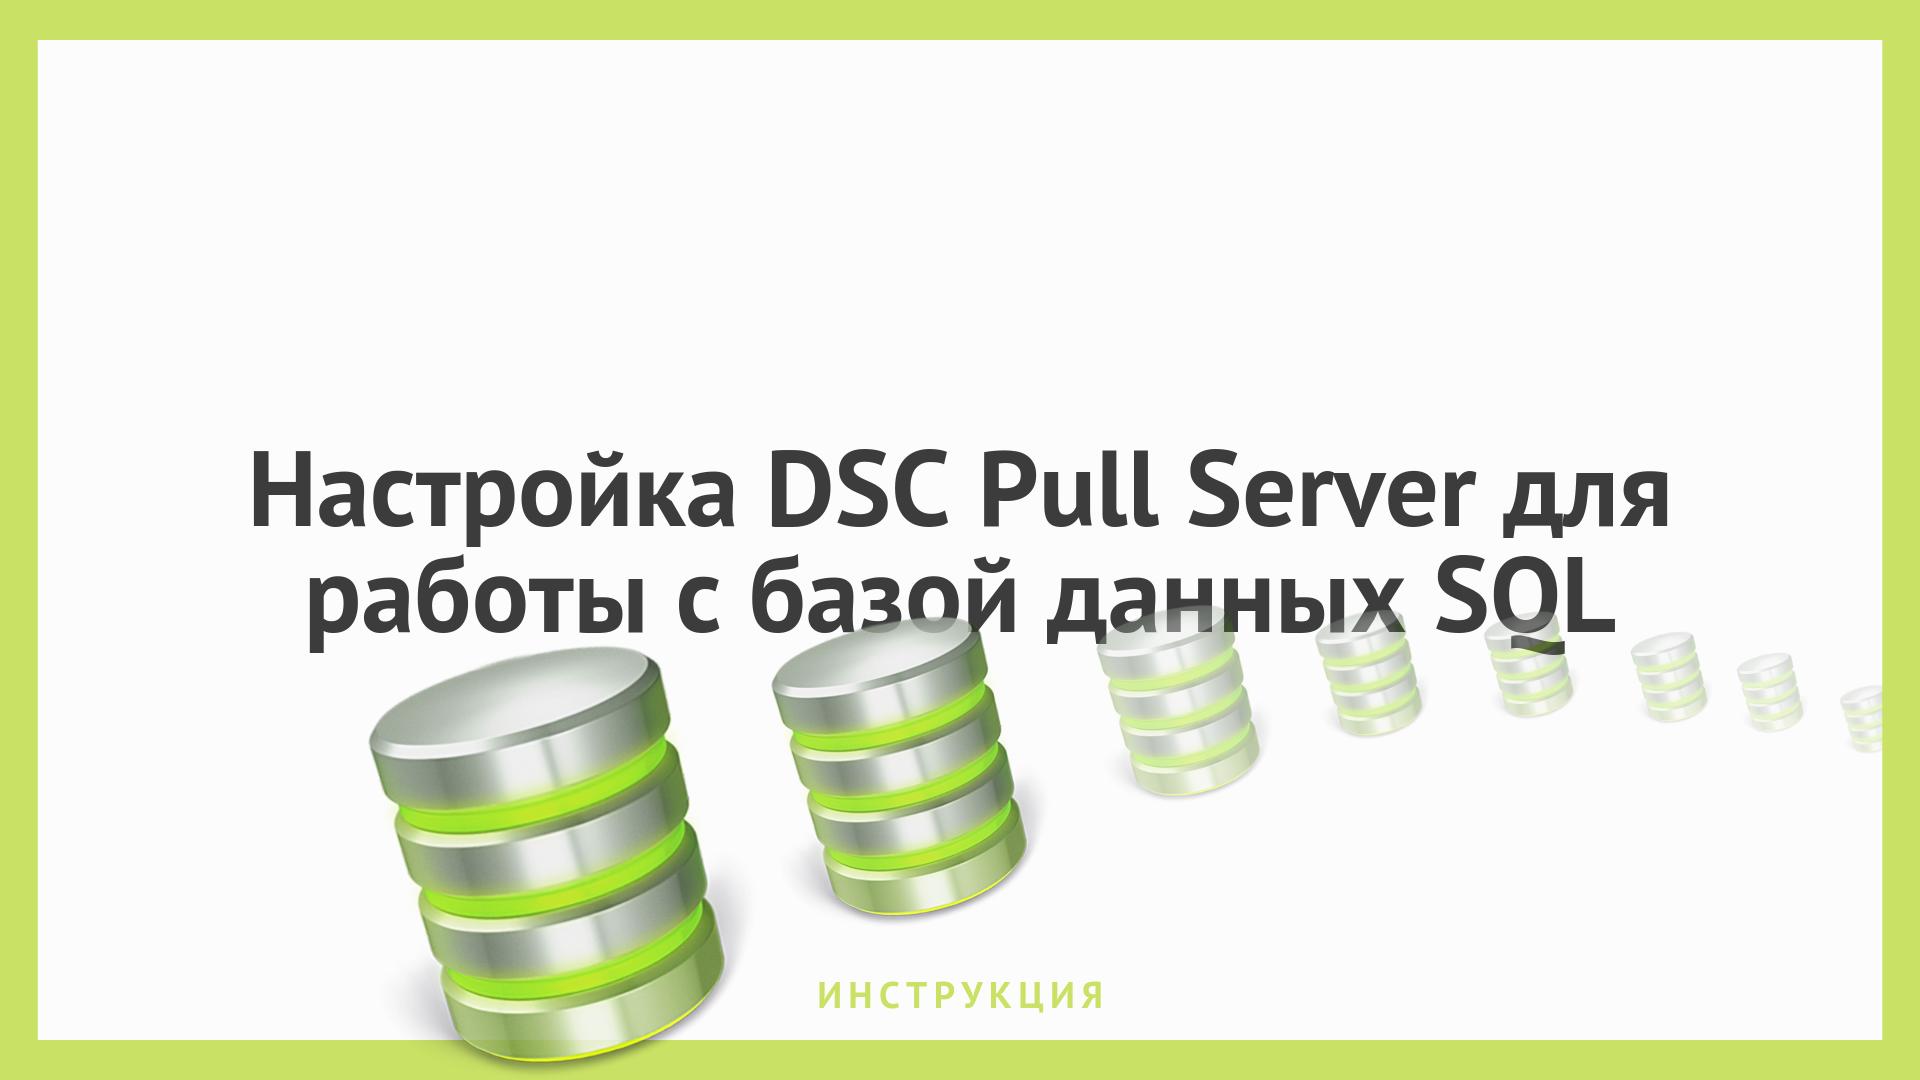 DSC и напильник: часть 1. Настройка DSC Pull Server для работы с базой данных SQL